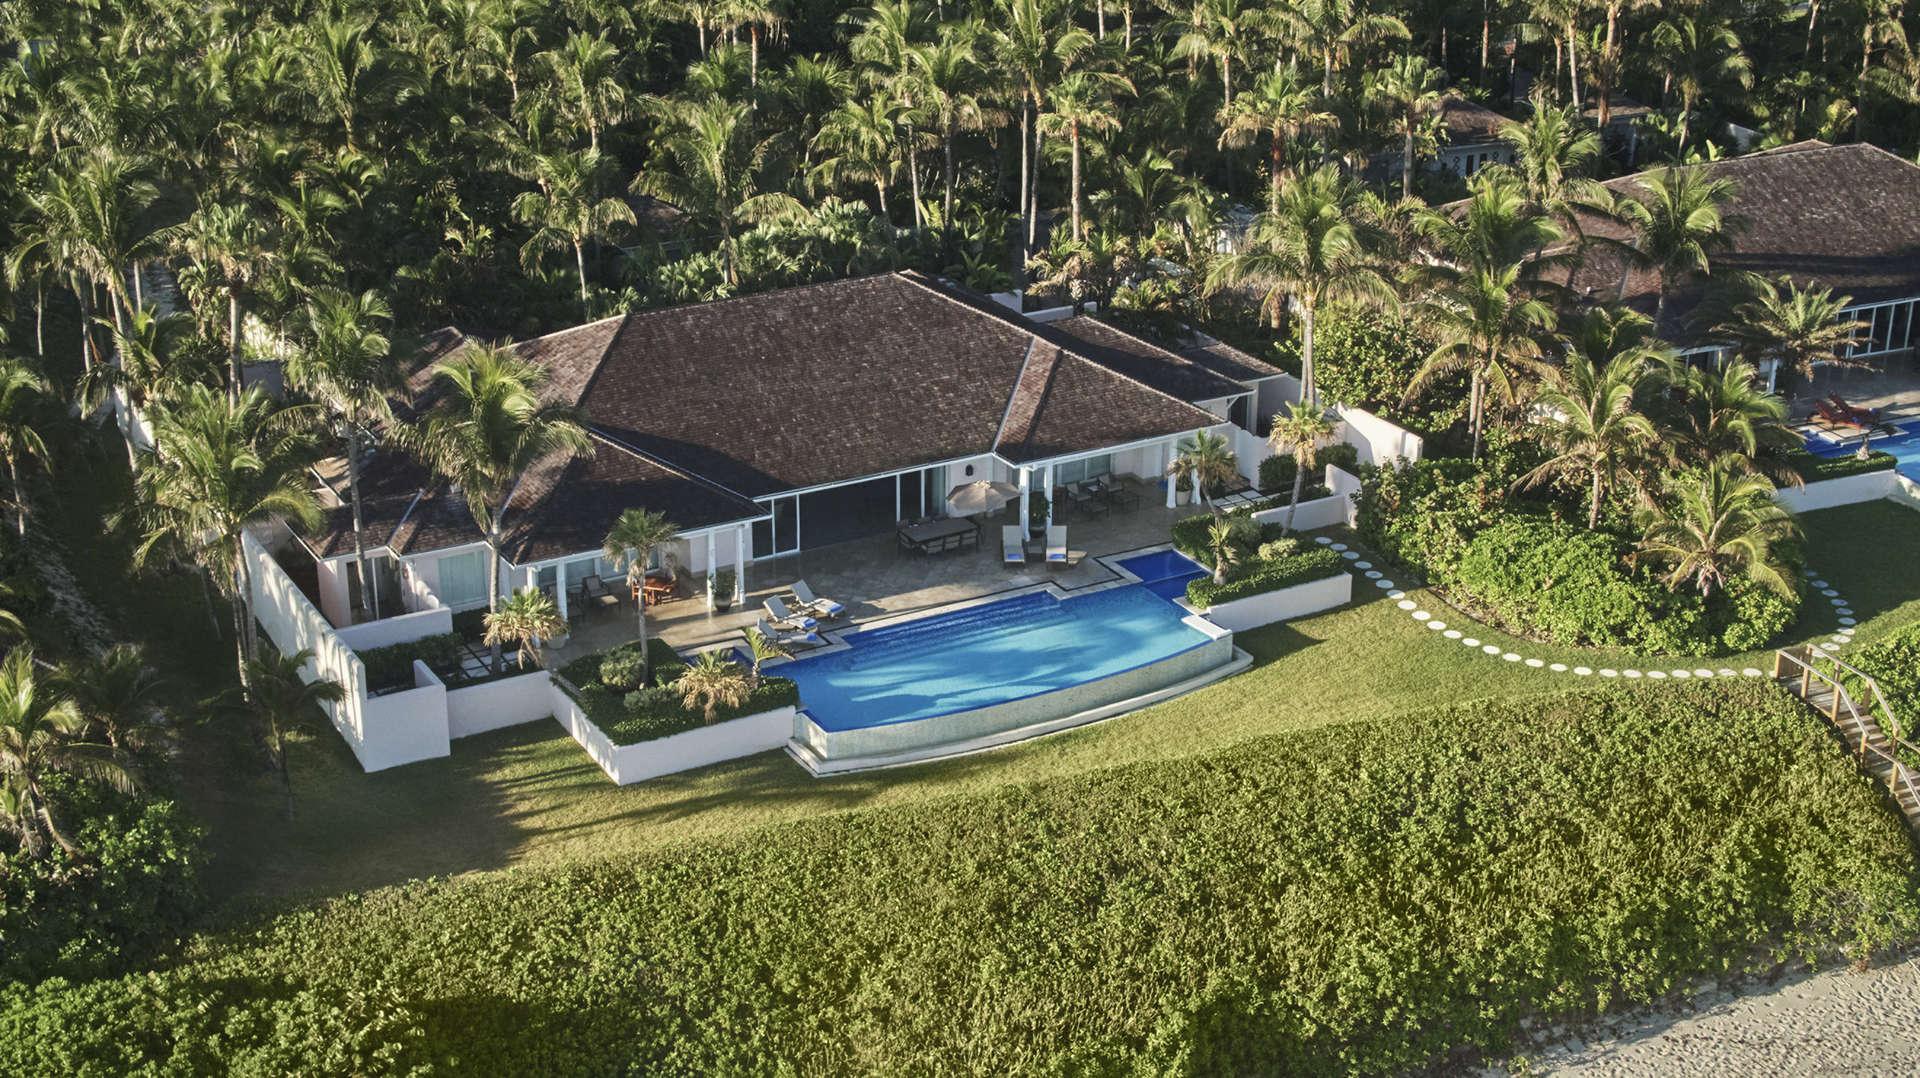 - Villa Residence 3 BDM - Image 1/11